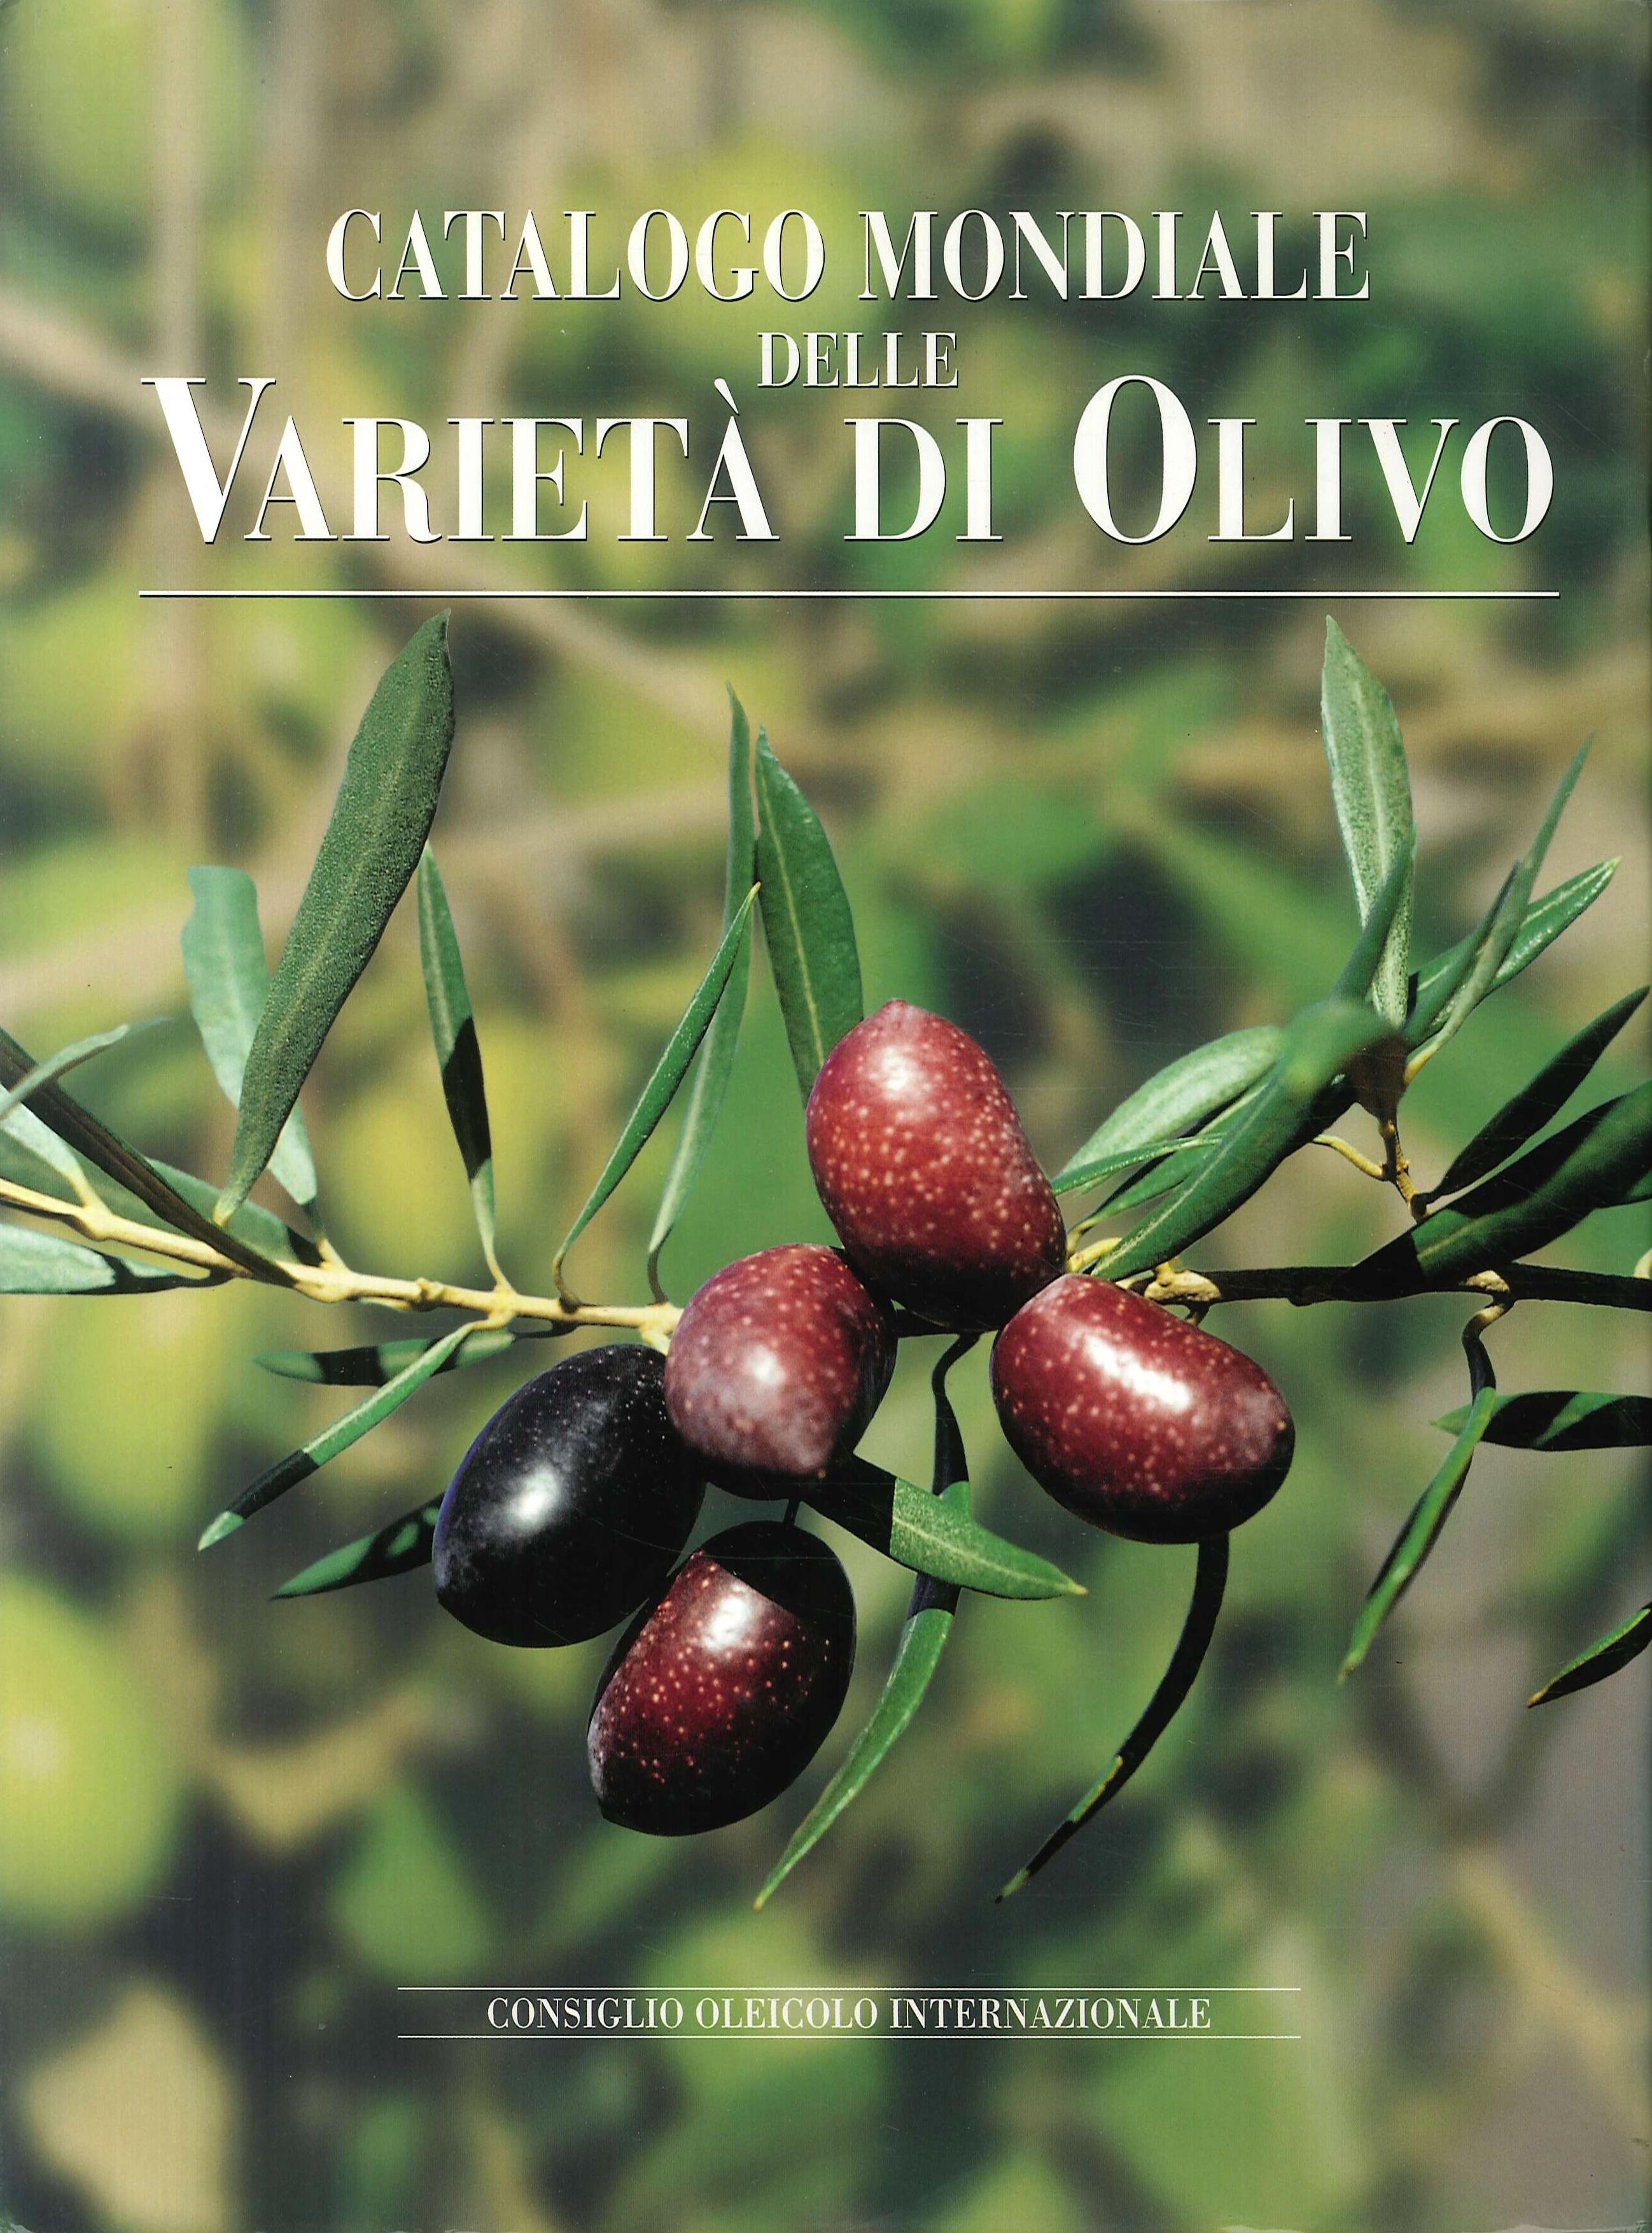 Catalogo Mondiale delle Varietà di Olivo